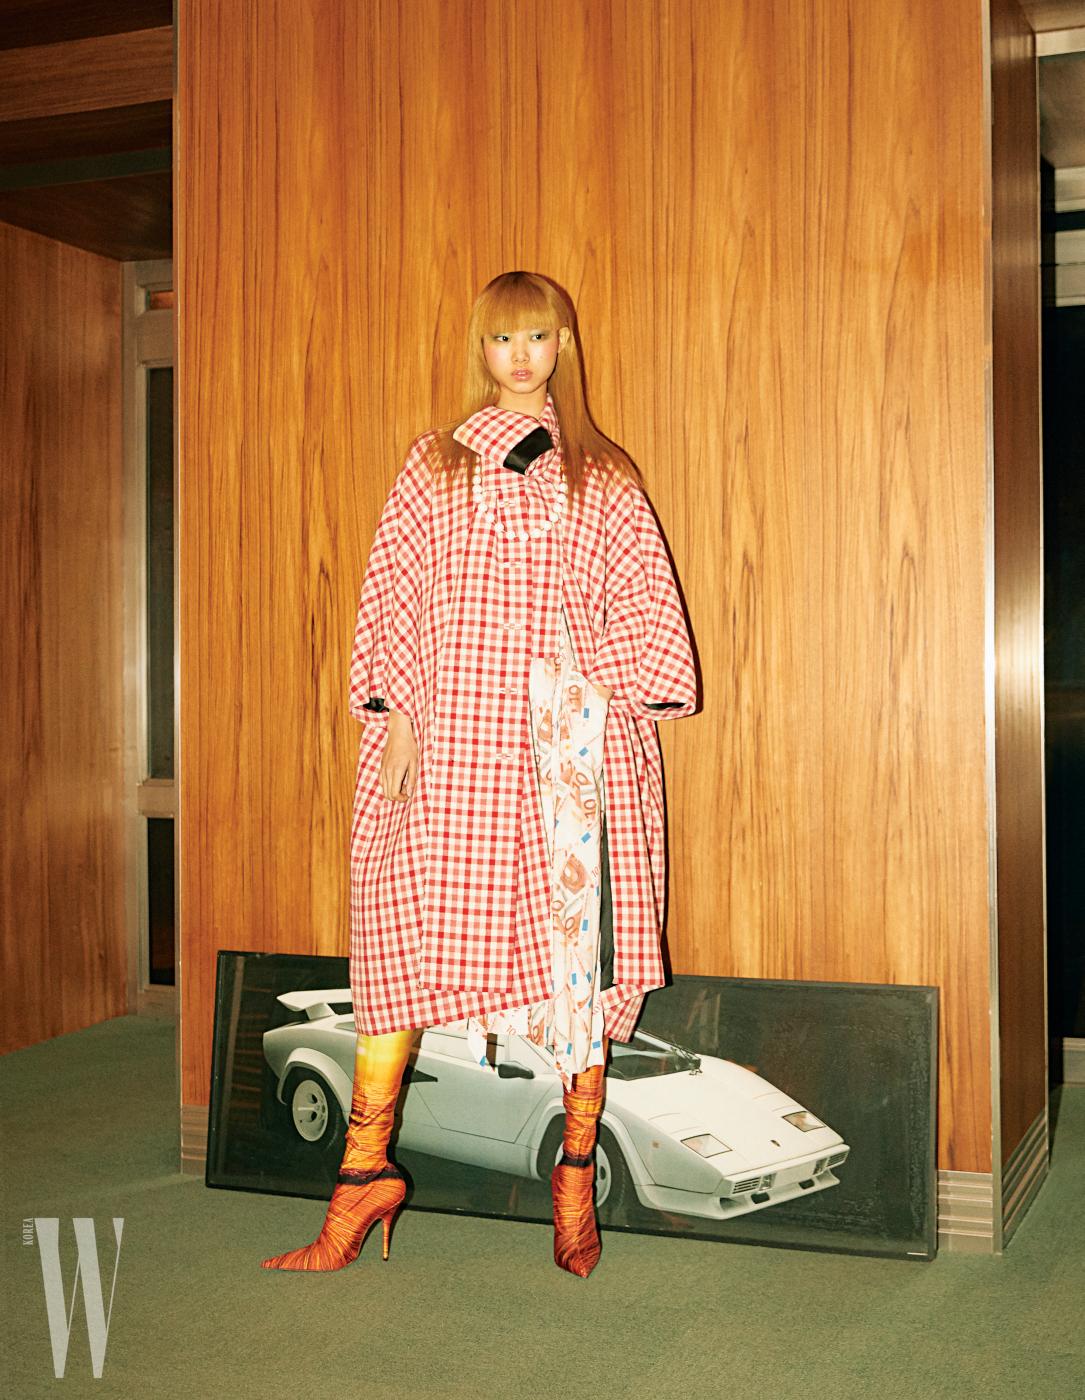 빈티지체크무늬코트, 10유로프린트가독특한드레스, 목걸이와사이하이부츠는모두Balenciaga 제품.